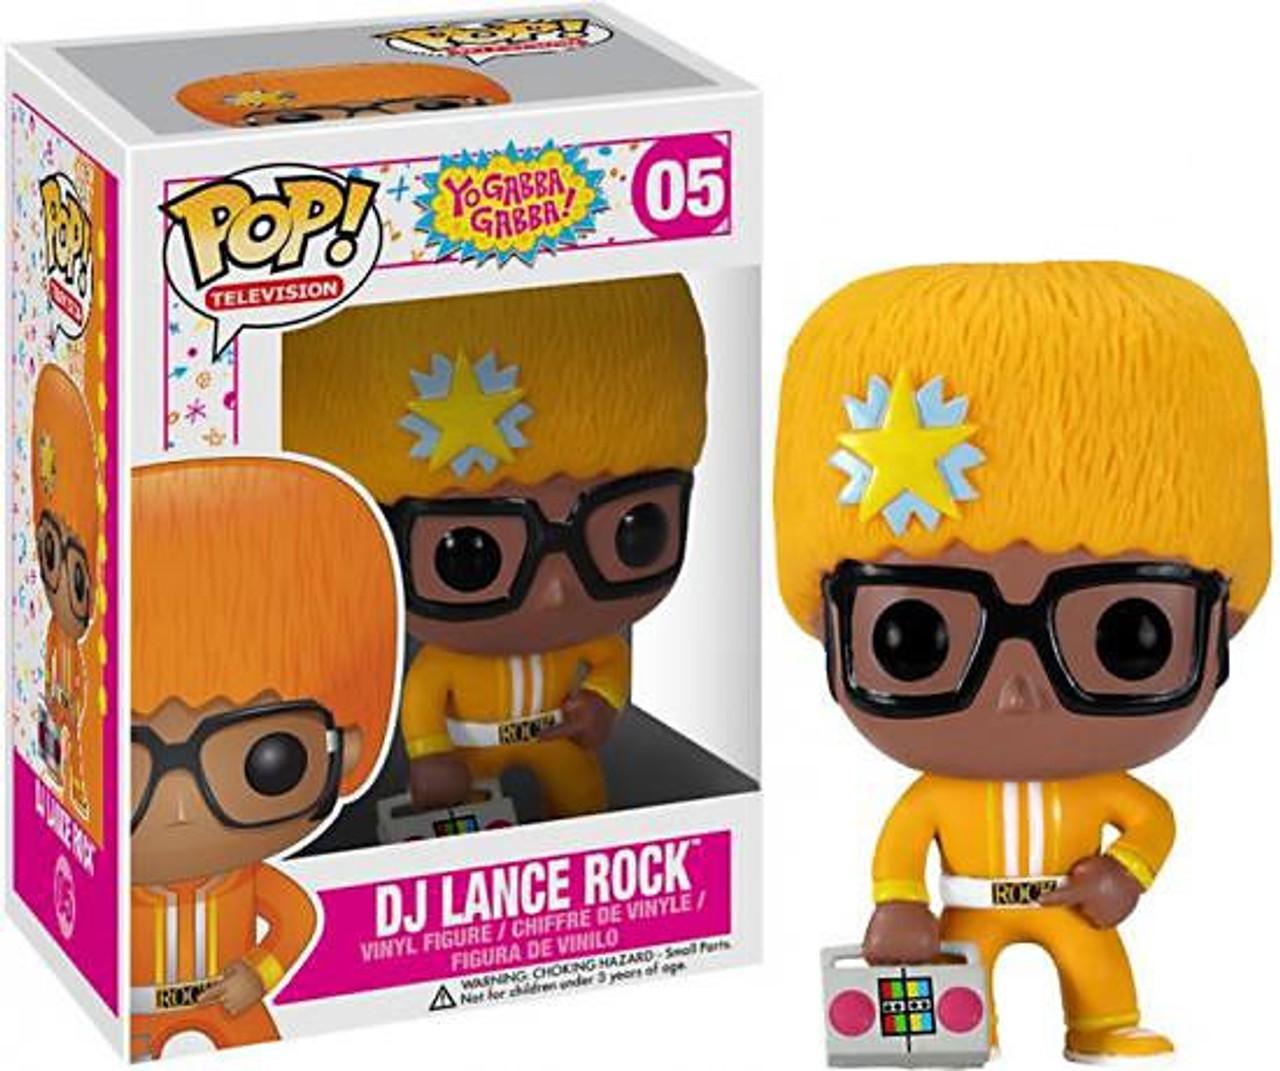 Yo Gabba Gabba Funko POP! TV DJ Lance Rock Vinyl Figure #05